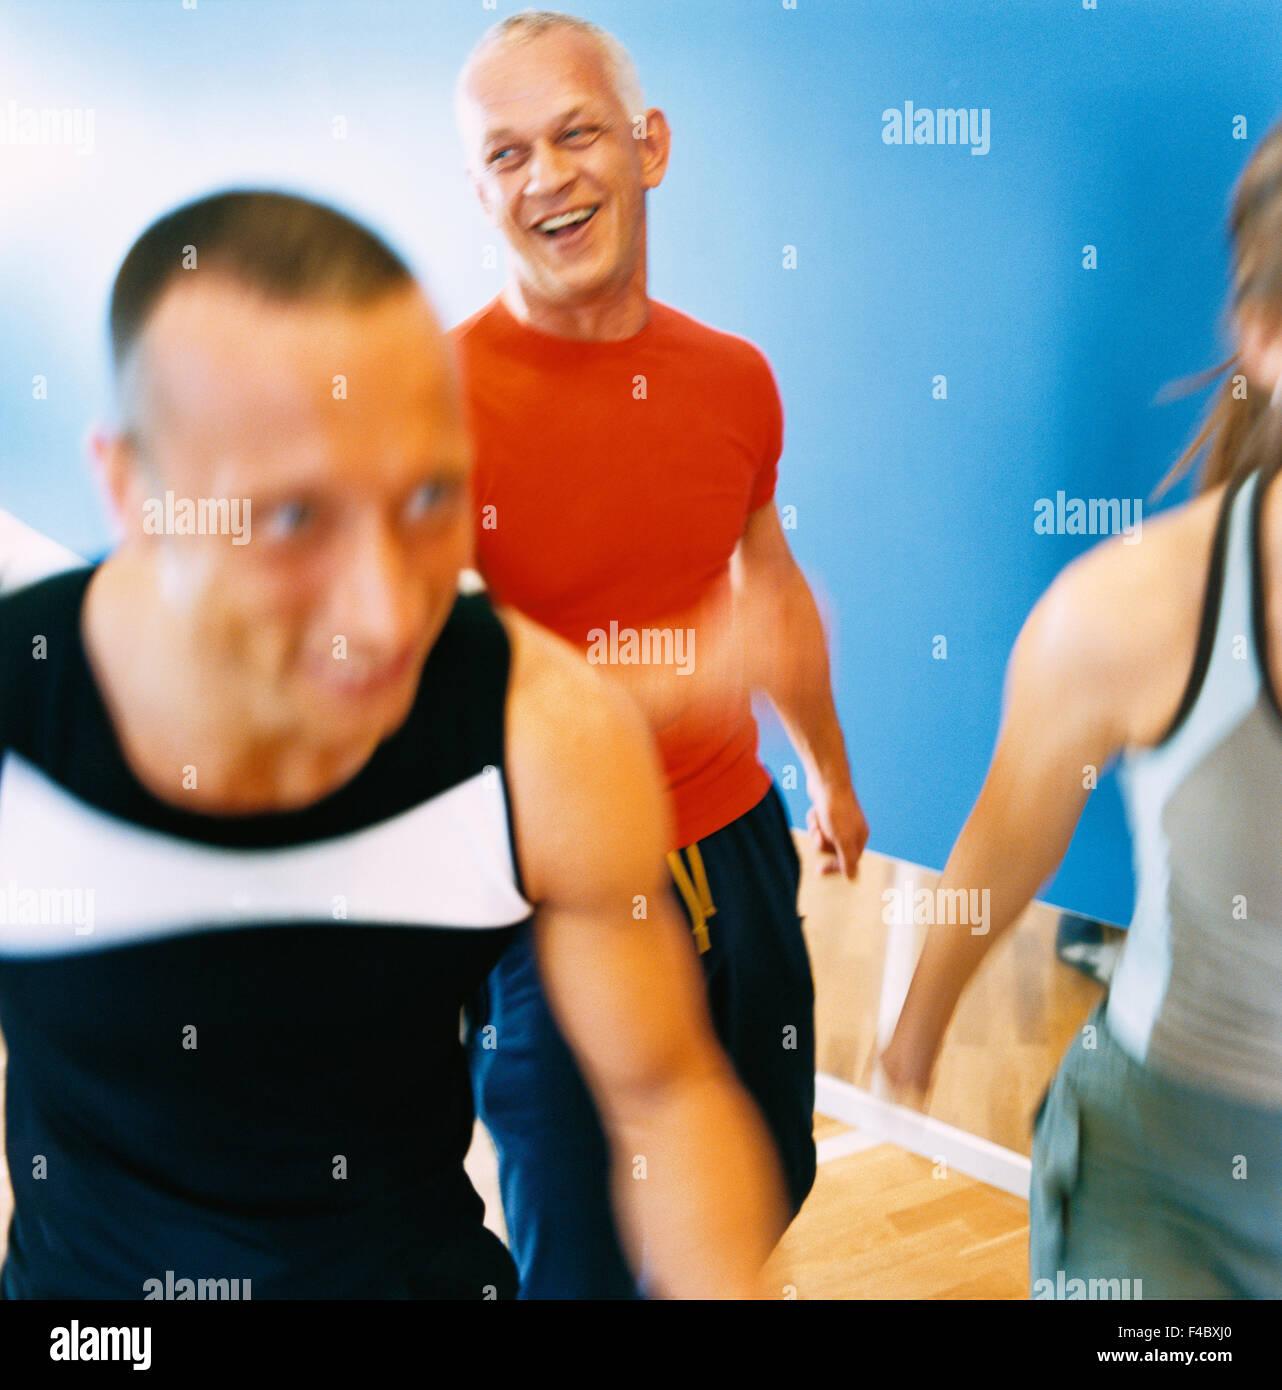 30-34 ans 70-74 ans 75-79 ans Adultes seulement l'activité aérobic musculation athlète image Photo Stock